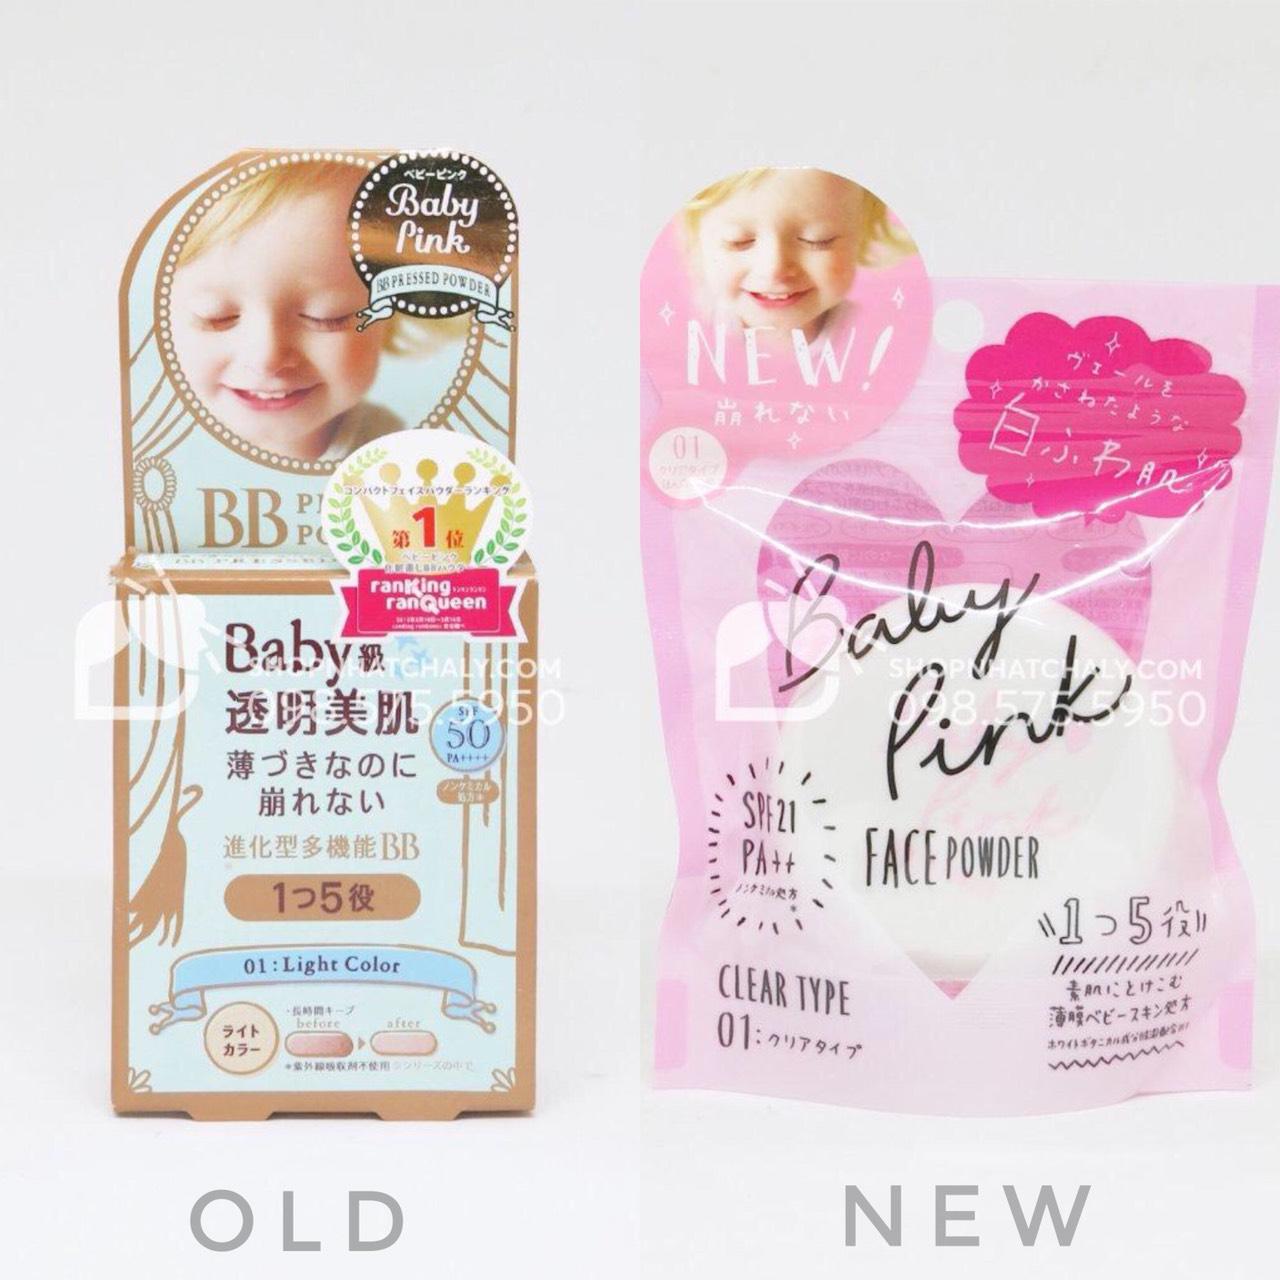 Bộ phấn trang điểm của Nhật Bản baby pink mineral pressed powder mẫu mới (bên phải) và mẫu cũ (bên trái)